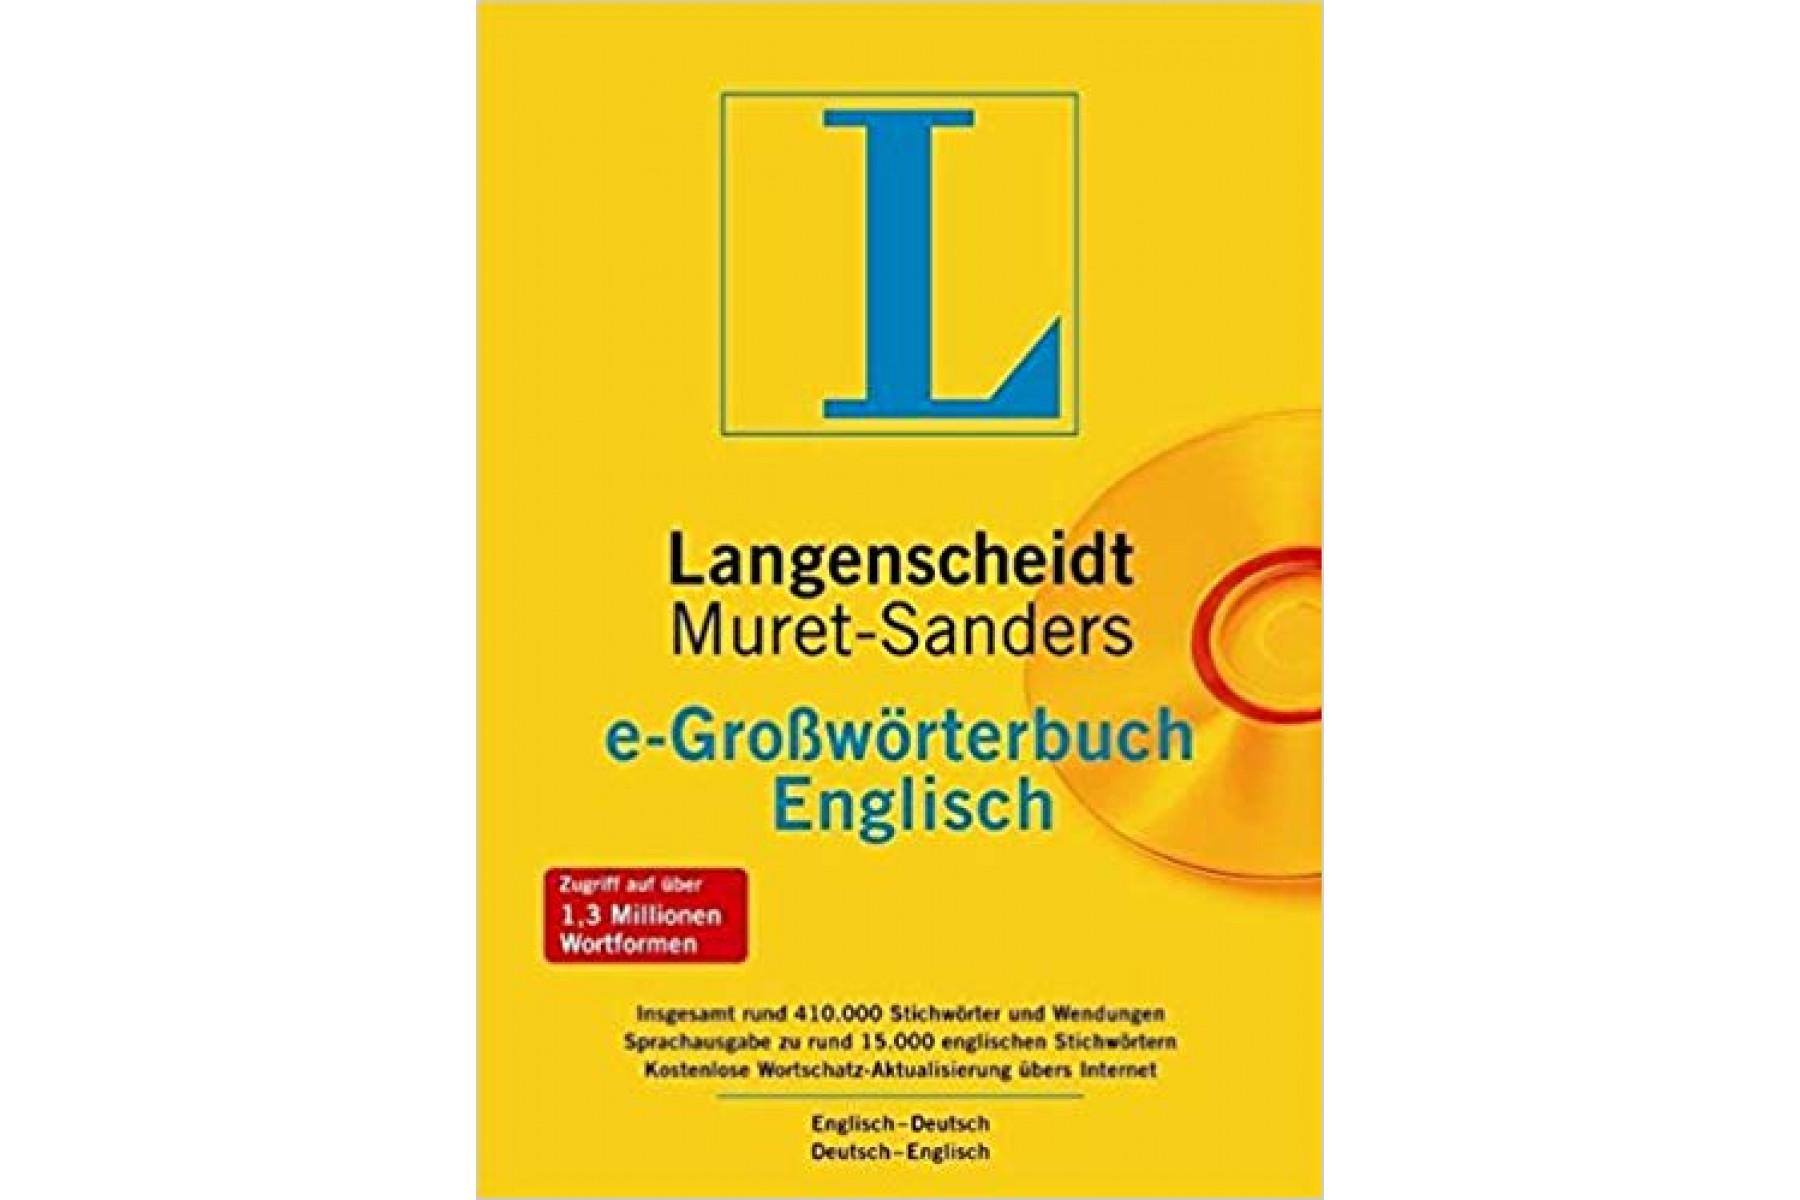 Muret Sanders e-Grossworterbuch Deutsch - Englisch. Langenscheidt. CD-ROM